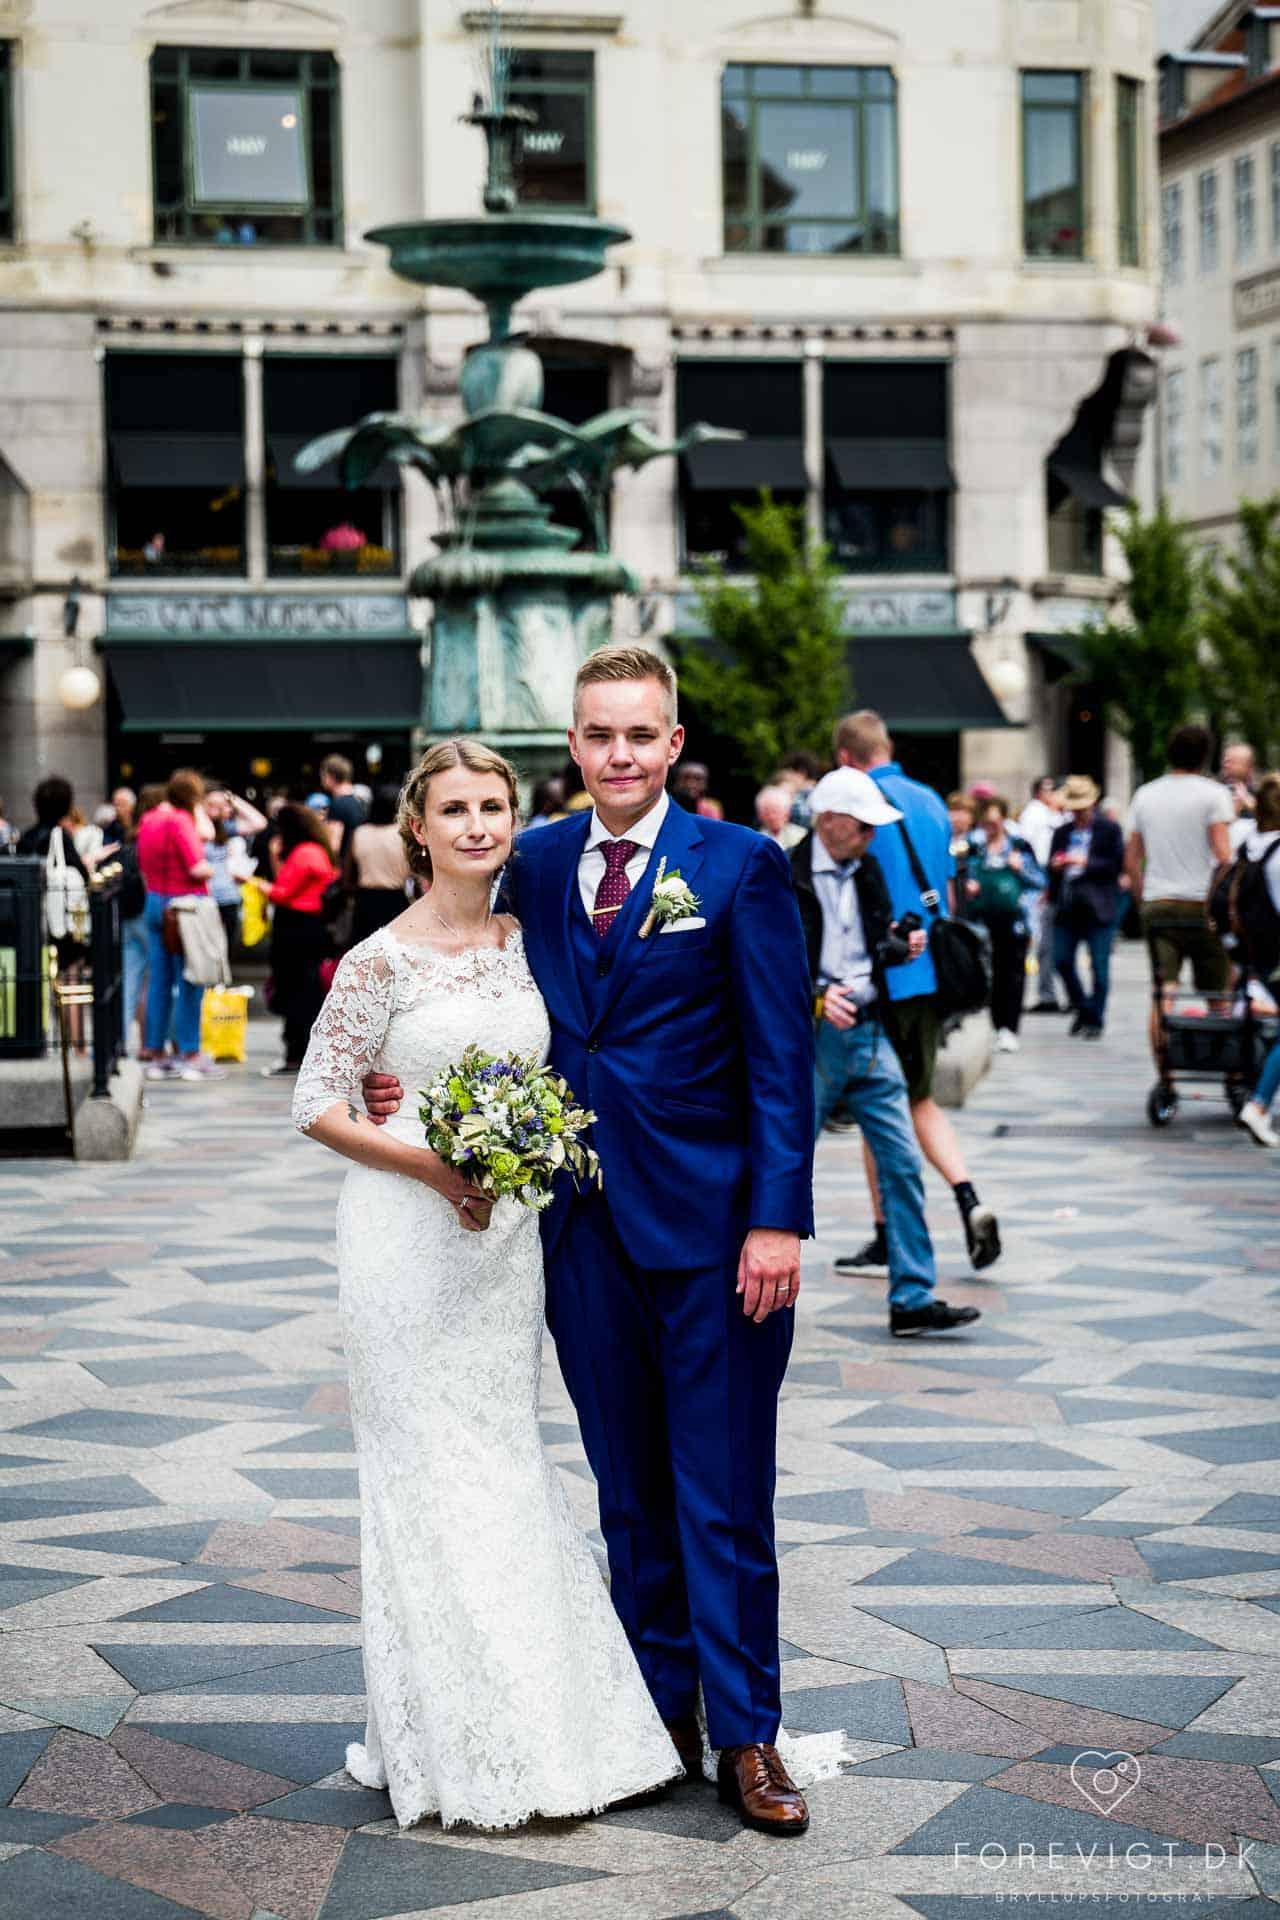 Ikonisk bryllup i København